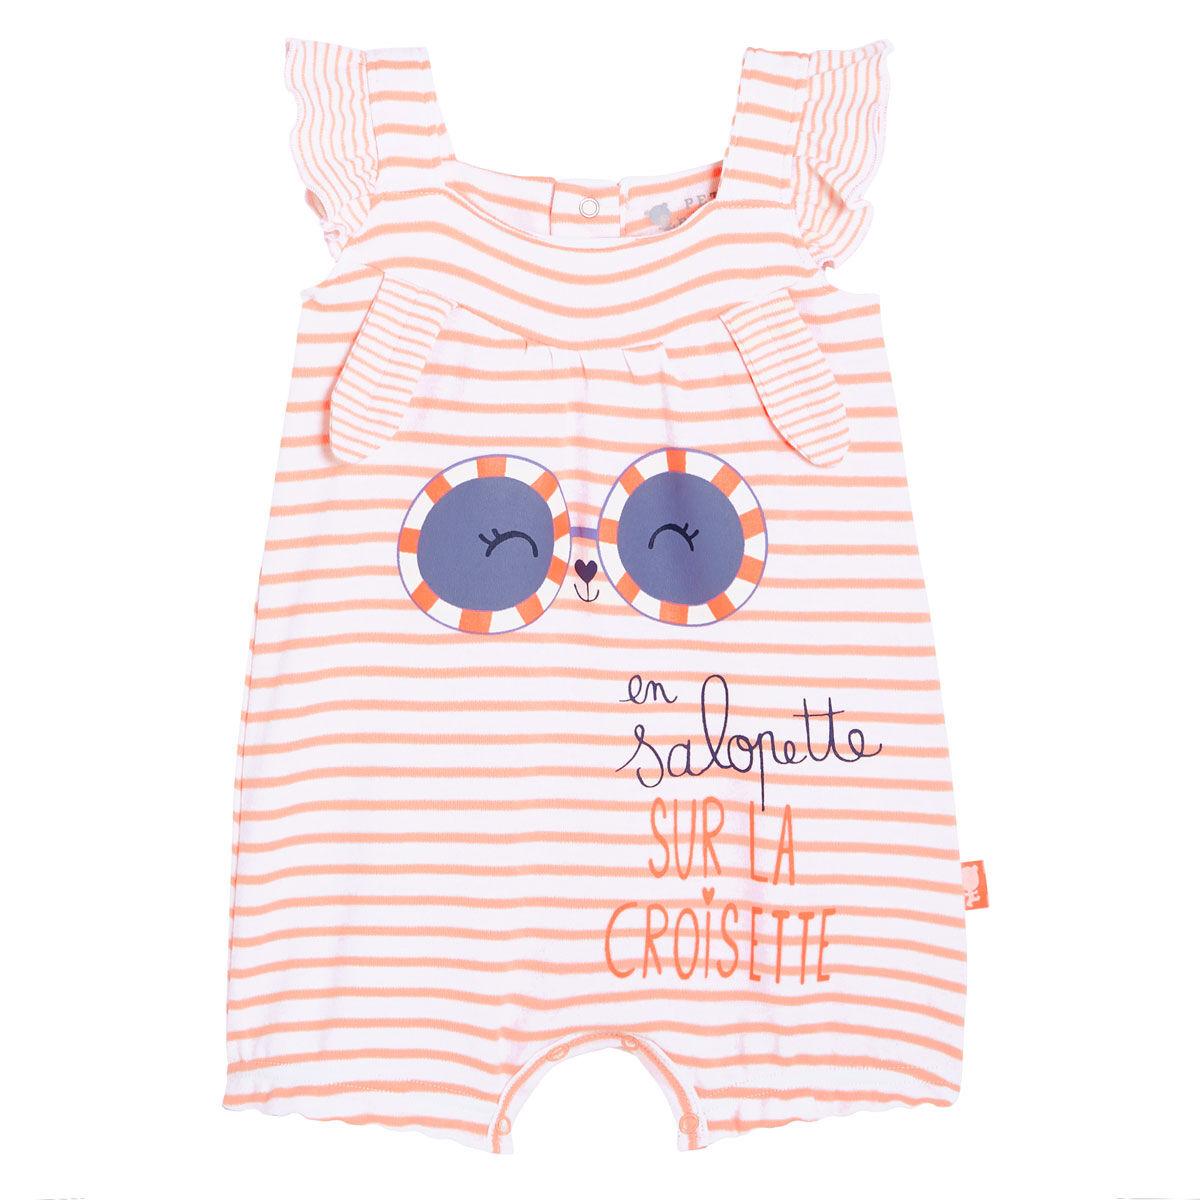 Petit Béguin Barboteuse bébé fille Sur la Croisette - Taille - 6 mois